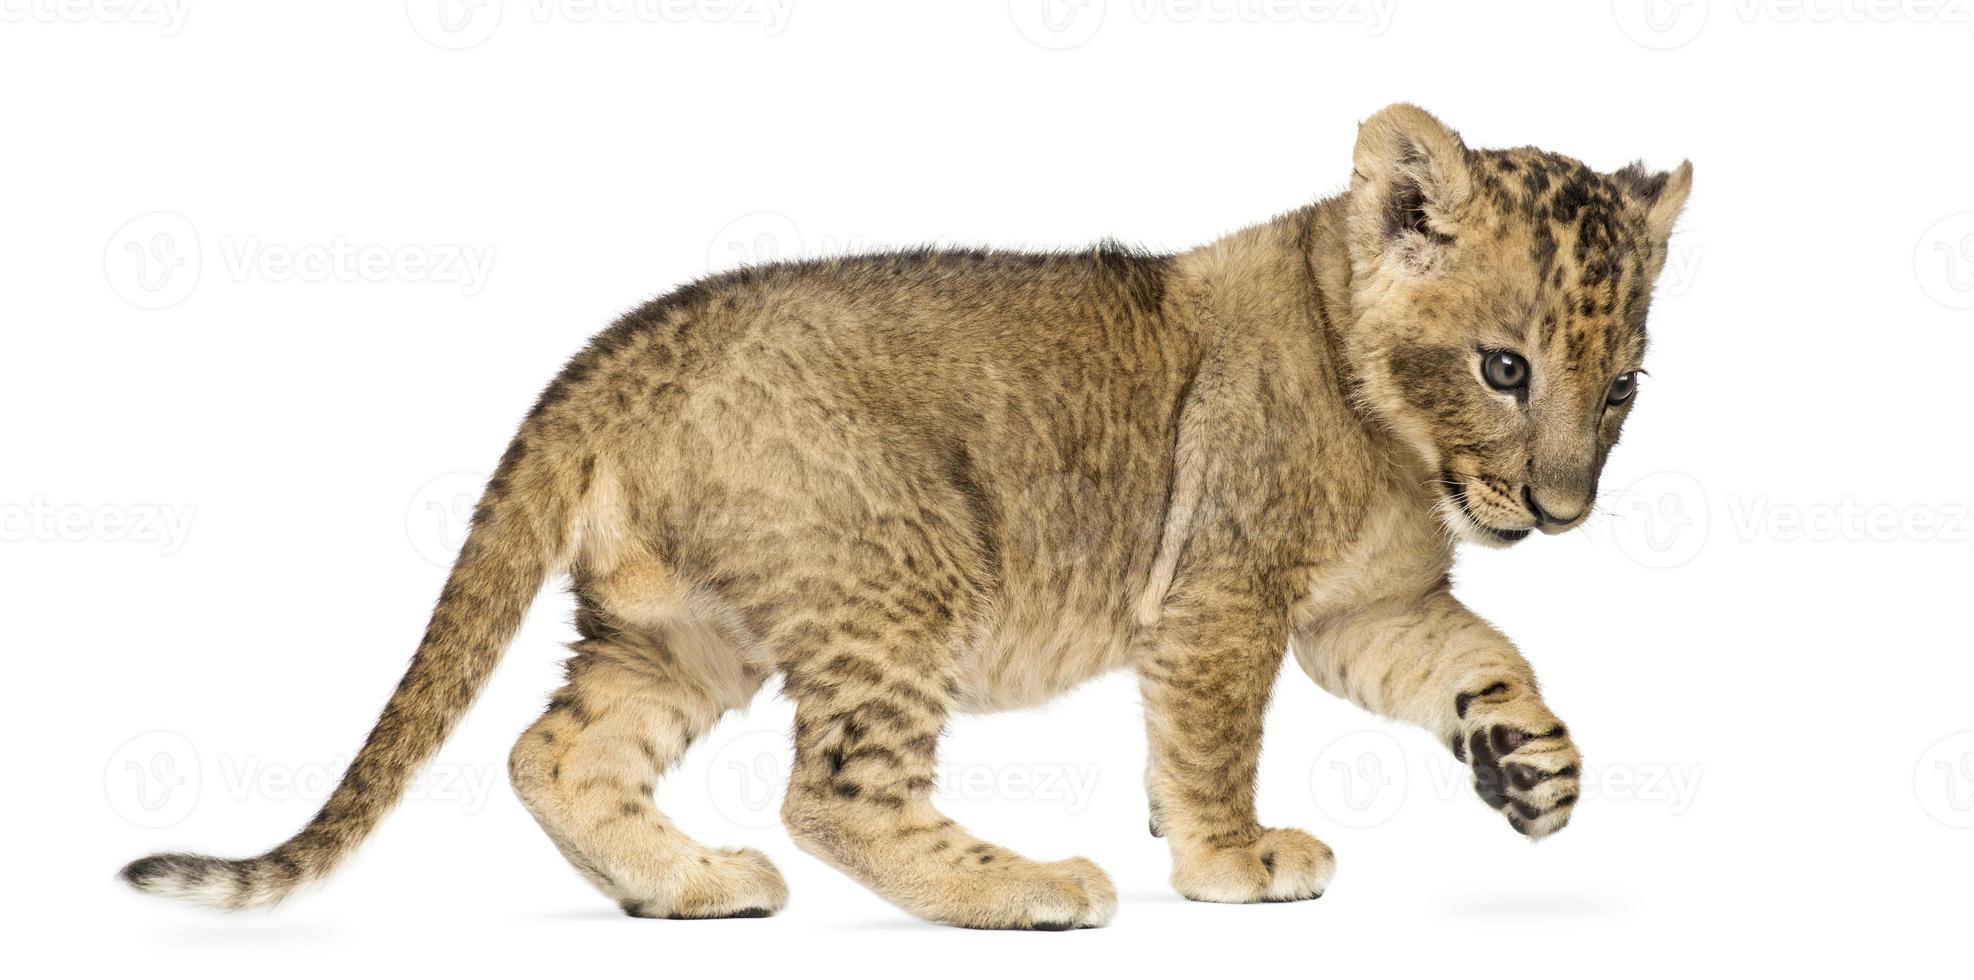 cachorro de león de pie, manoseando, 7 semanas de edad, aislado foto